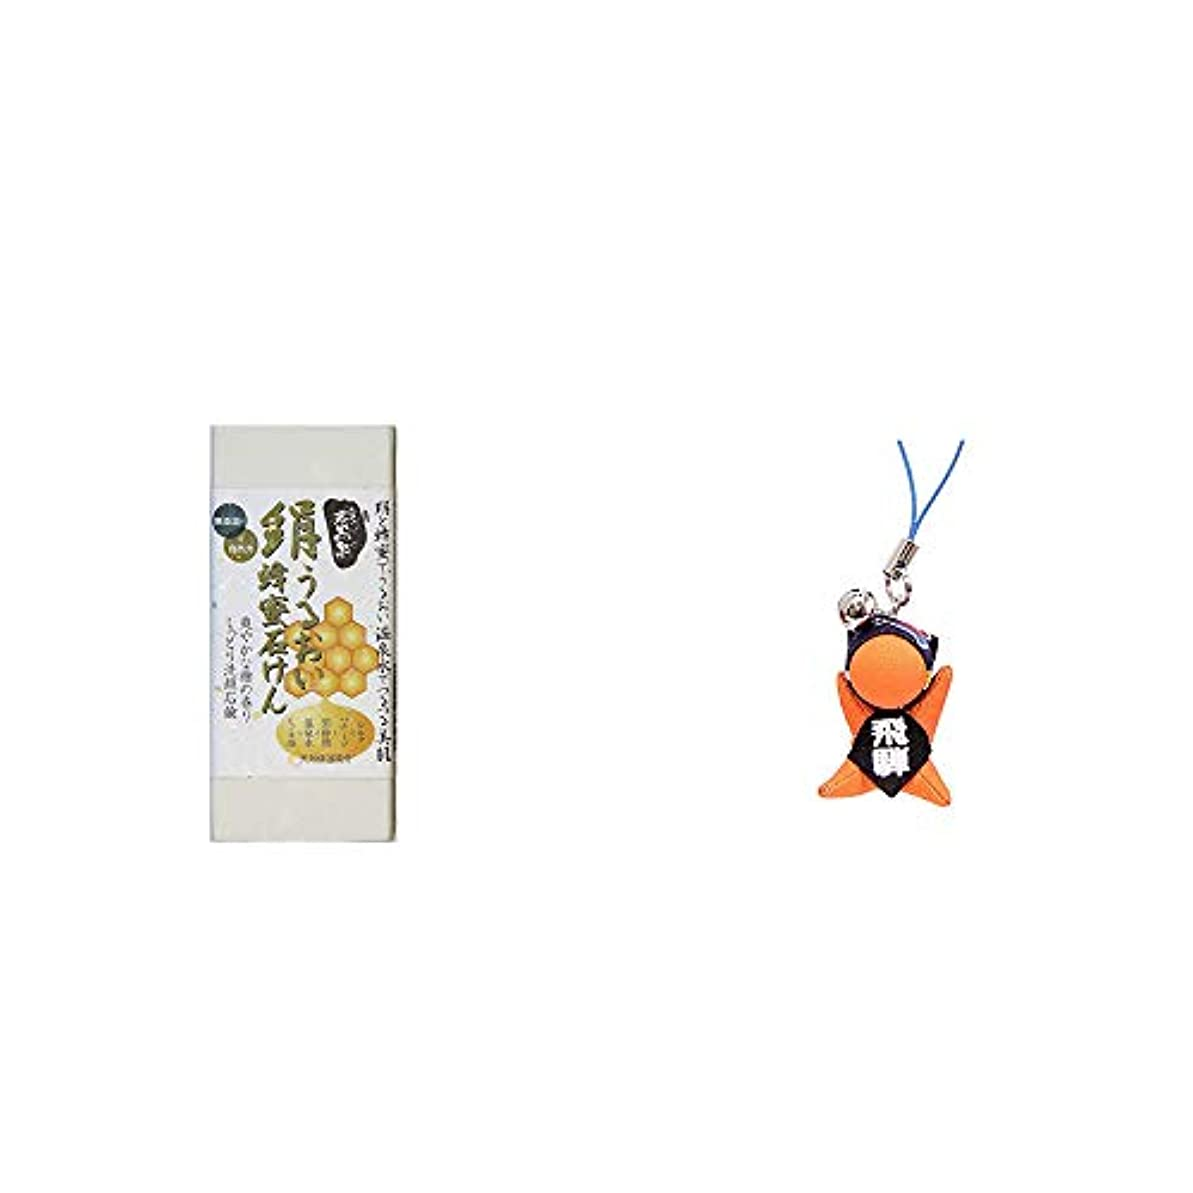 鋭く伝導重なる[2点セット] ひのき炭黒泉 絹うるおい蜂蜜石けん(75g×2)?さるぼぼ幸福ストラップ 【黄】 / 風水カラー全9種類 金運?財運 お守り//